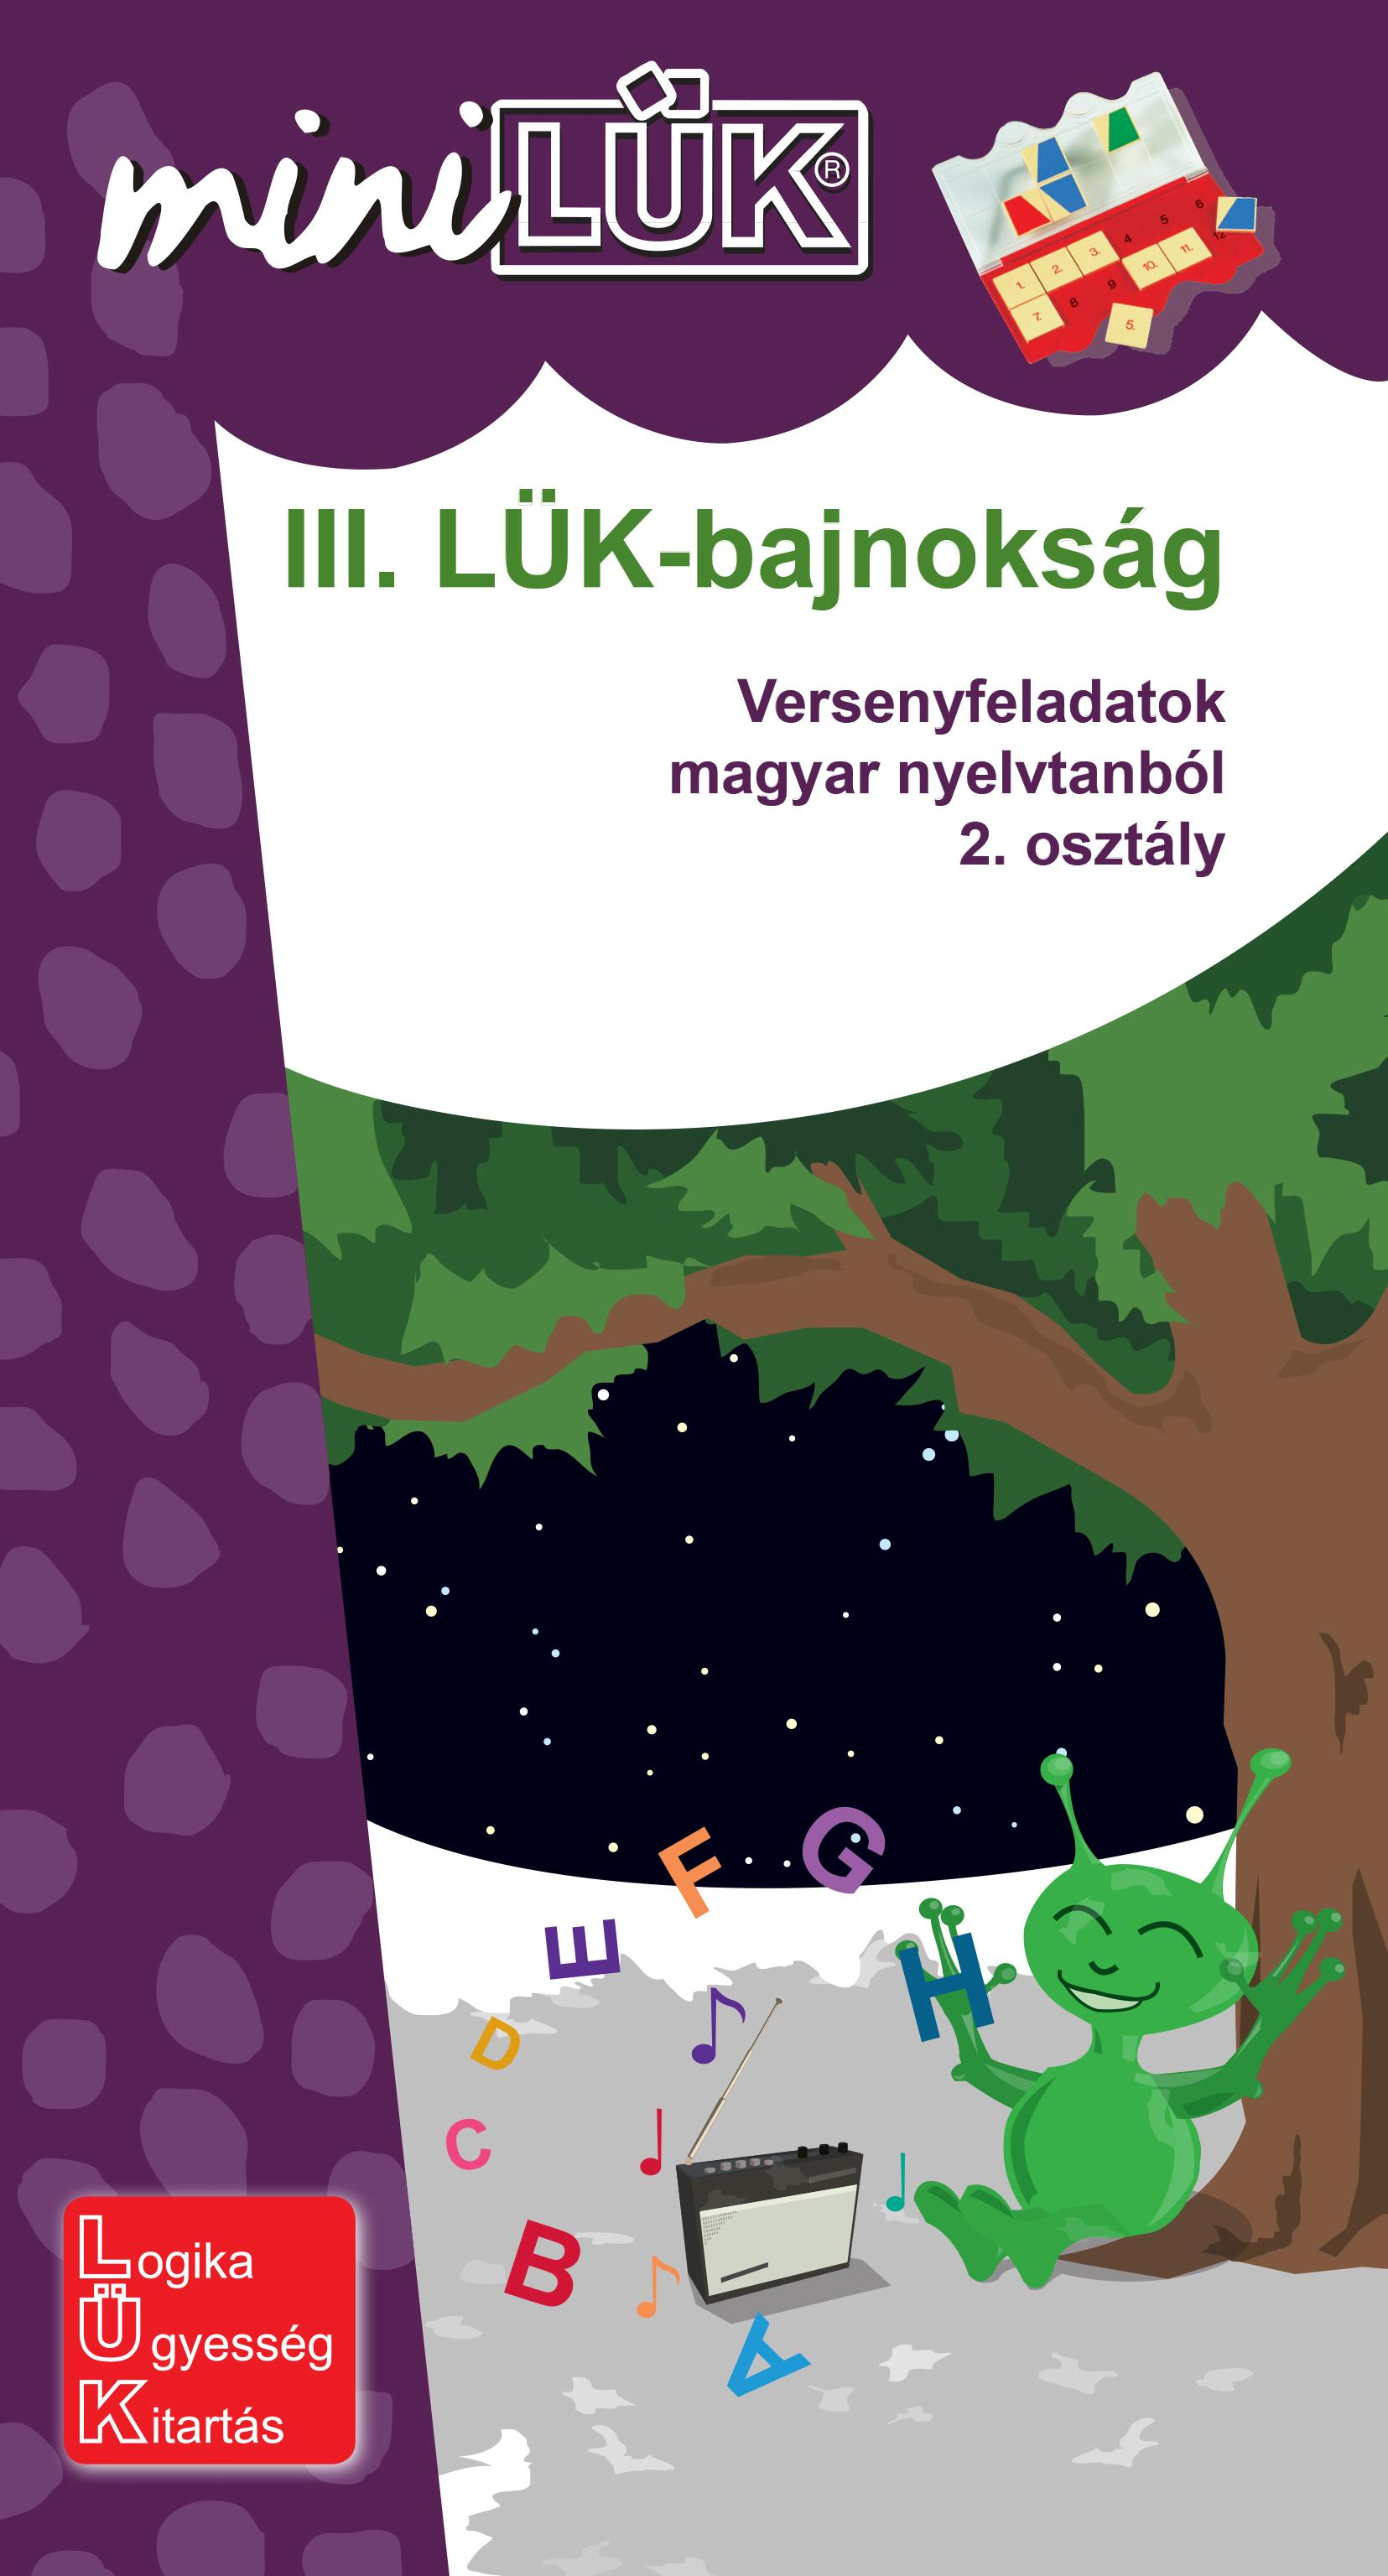 III. LÜK-BAJNOKSÁG - 2.OSZT., VERSENYFELADATOK MAGYAR NYELVTANBÓL